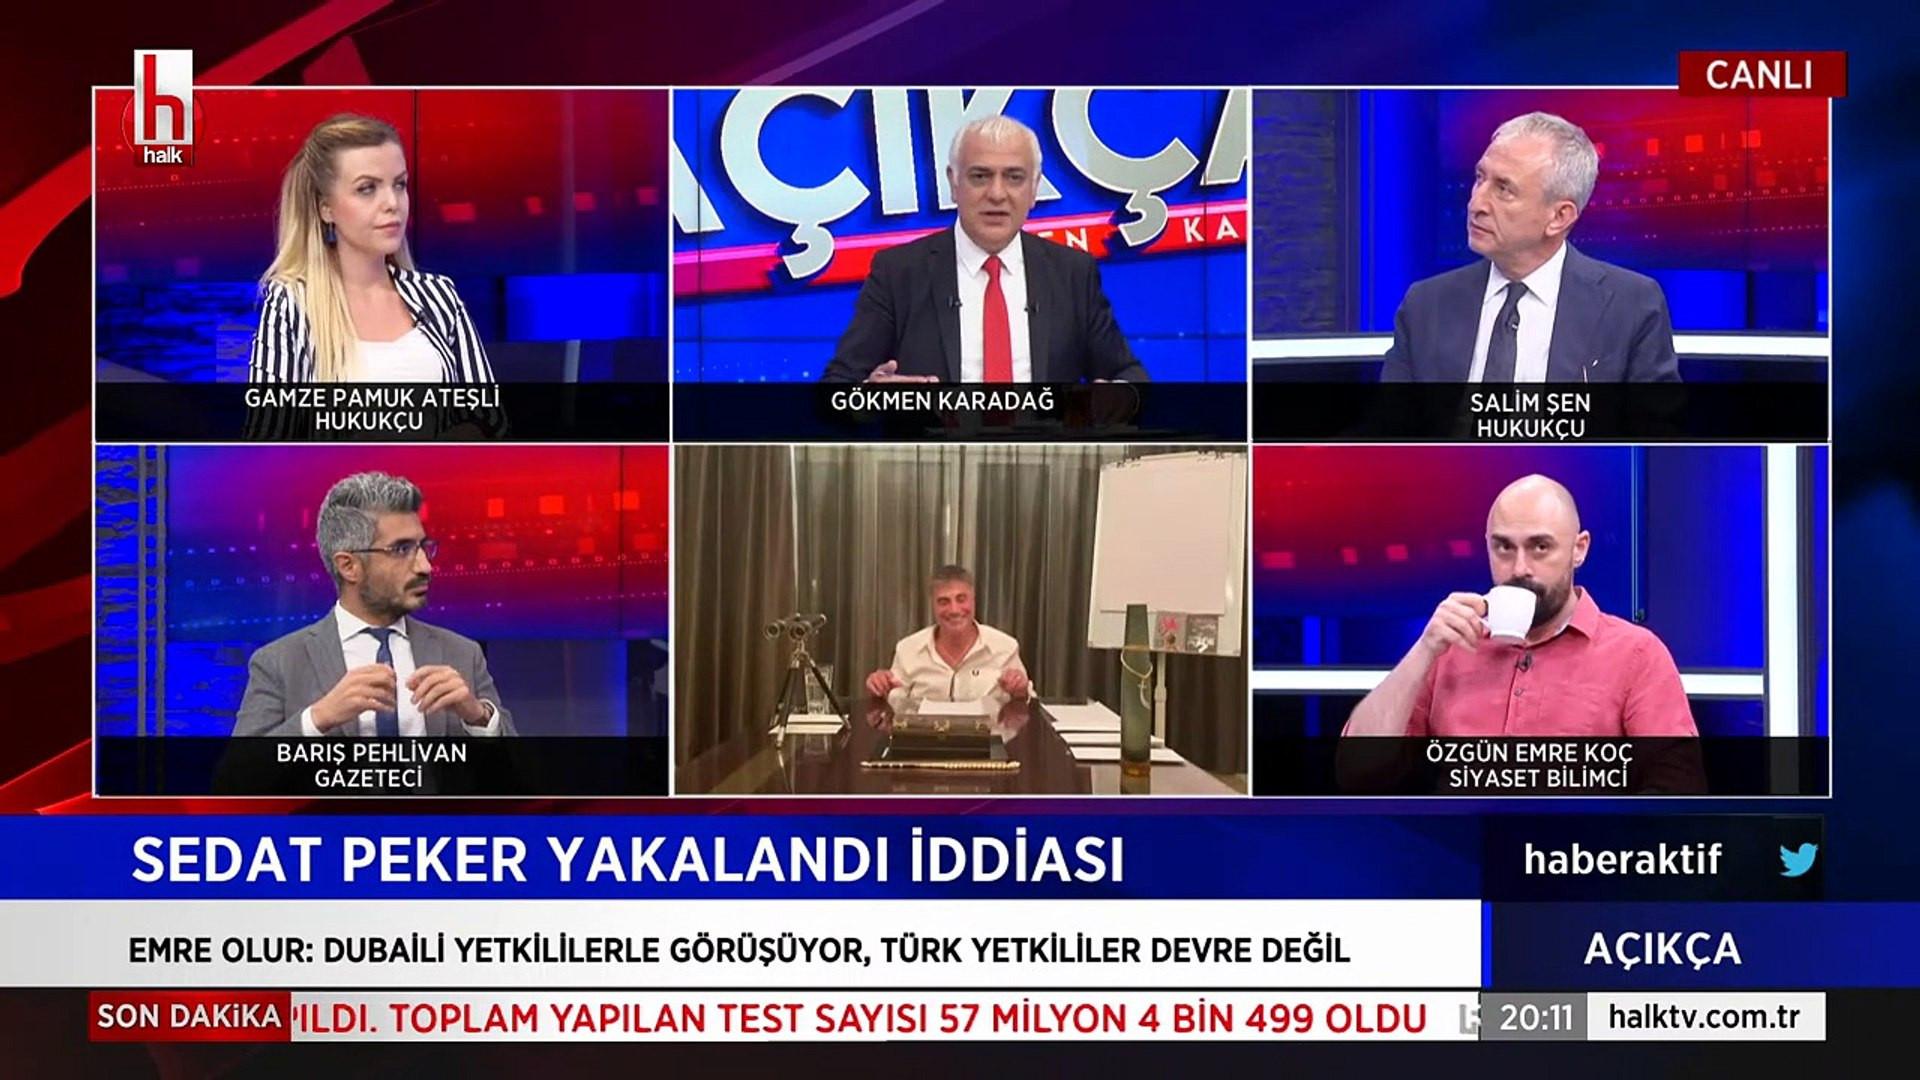 Canlı yayında Sedat Peker ile ilgili dikkat çeken iddialar